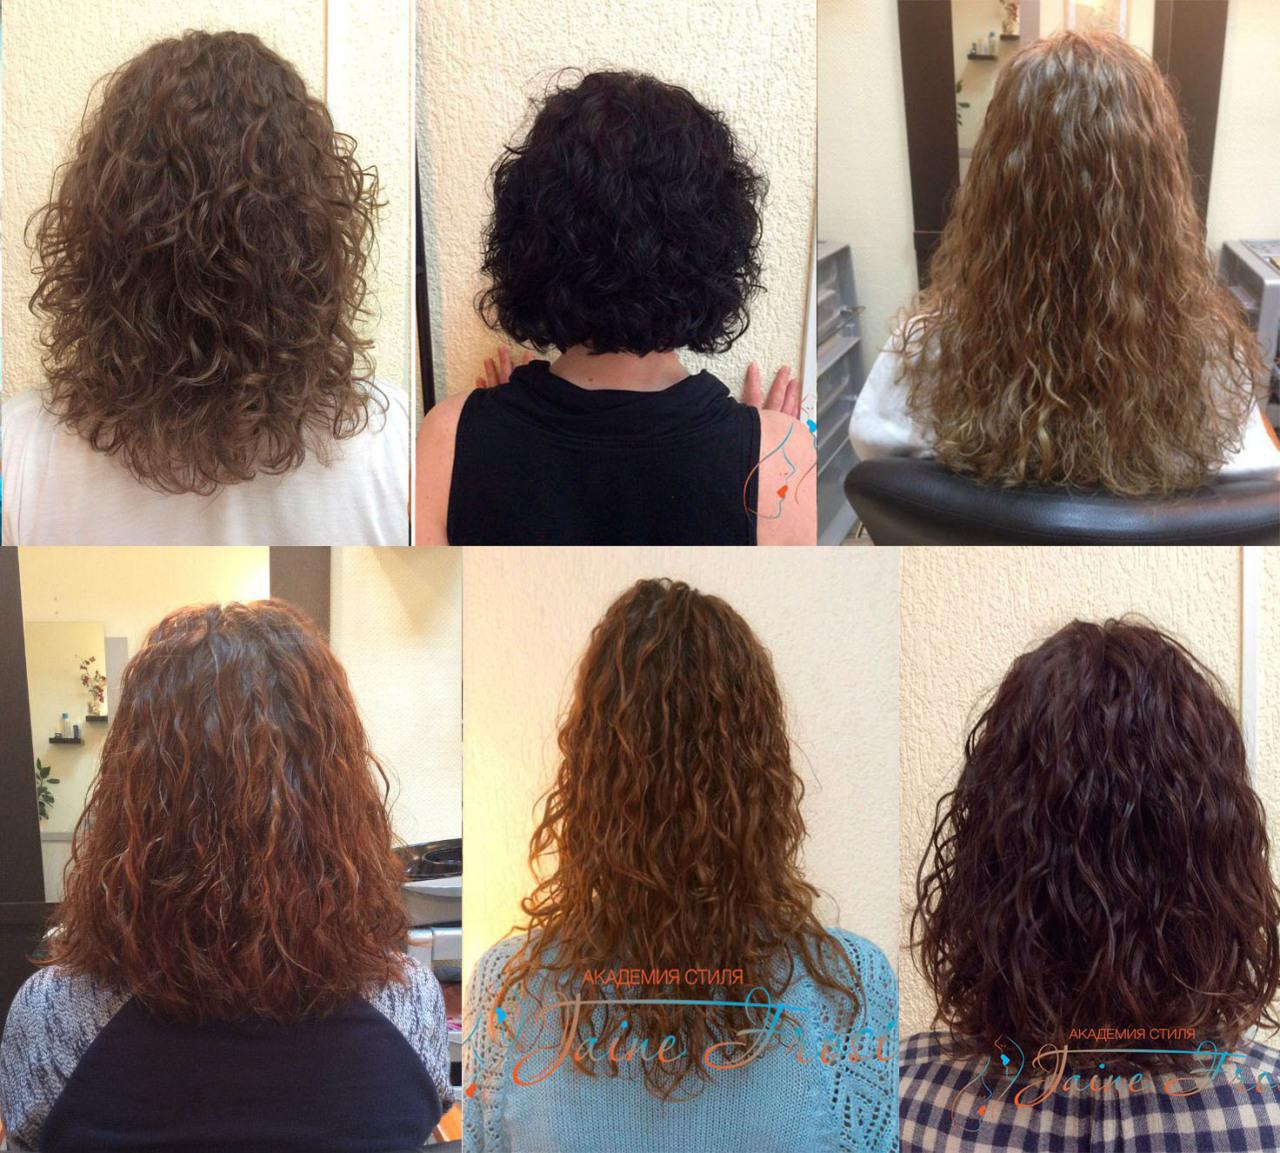 Химическая завивка волос: особенности, виды, достоинства и недостатки